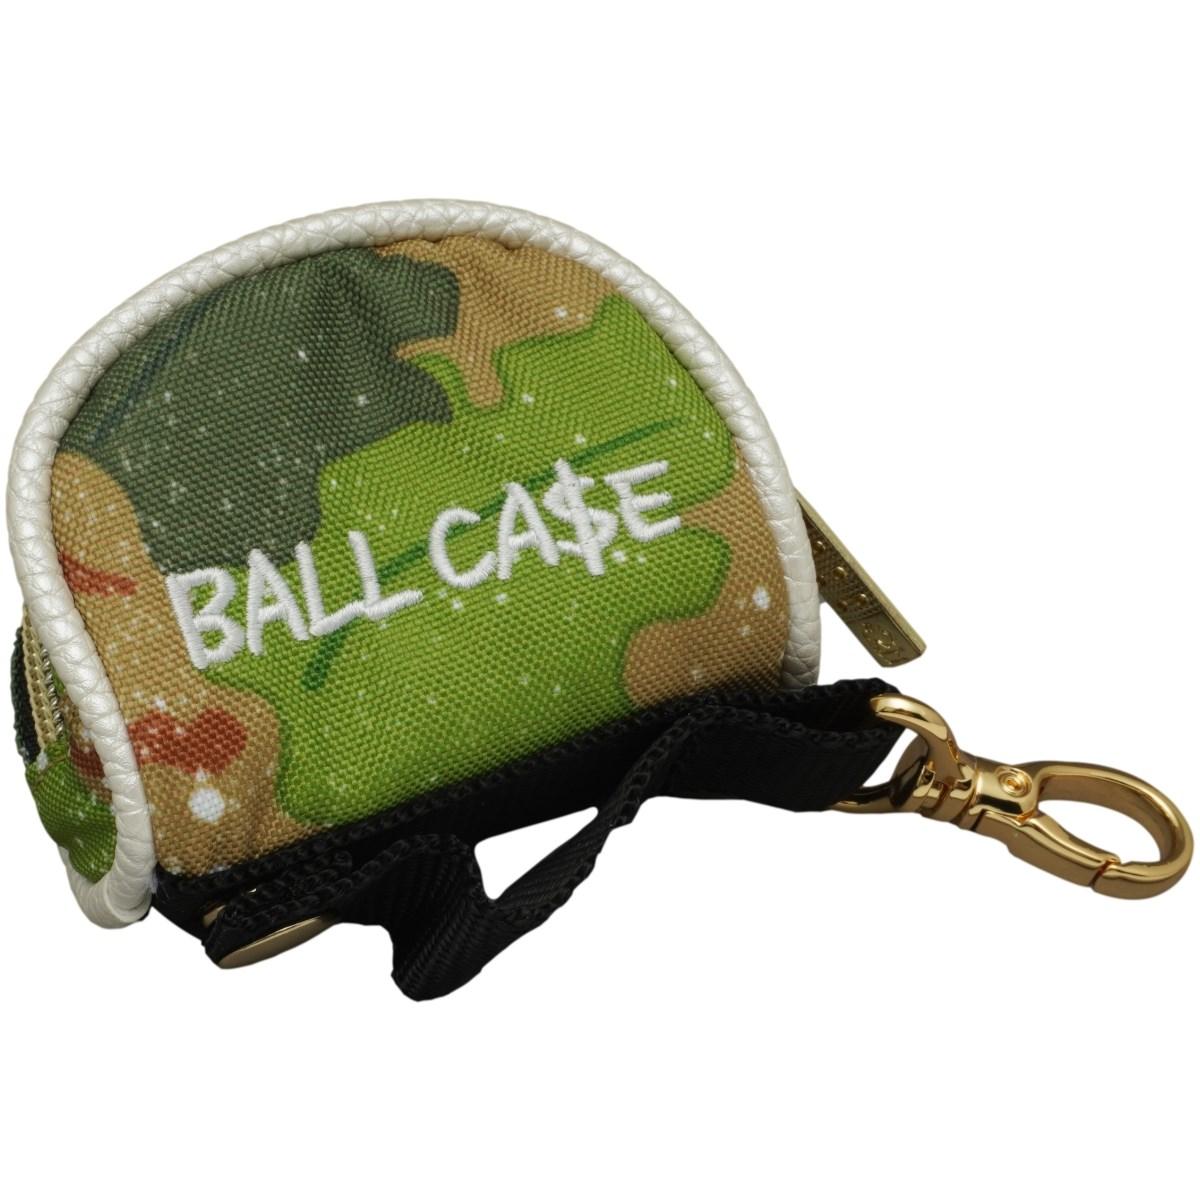 ラッセルノ スプラッシュ ボールケース